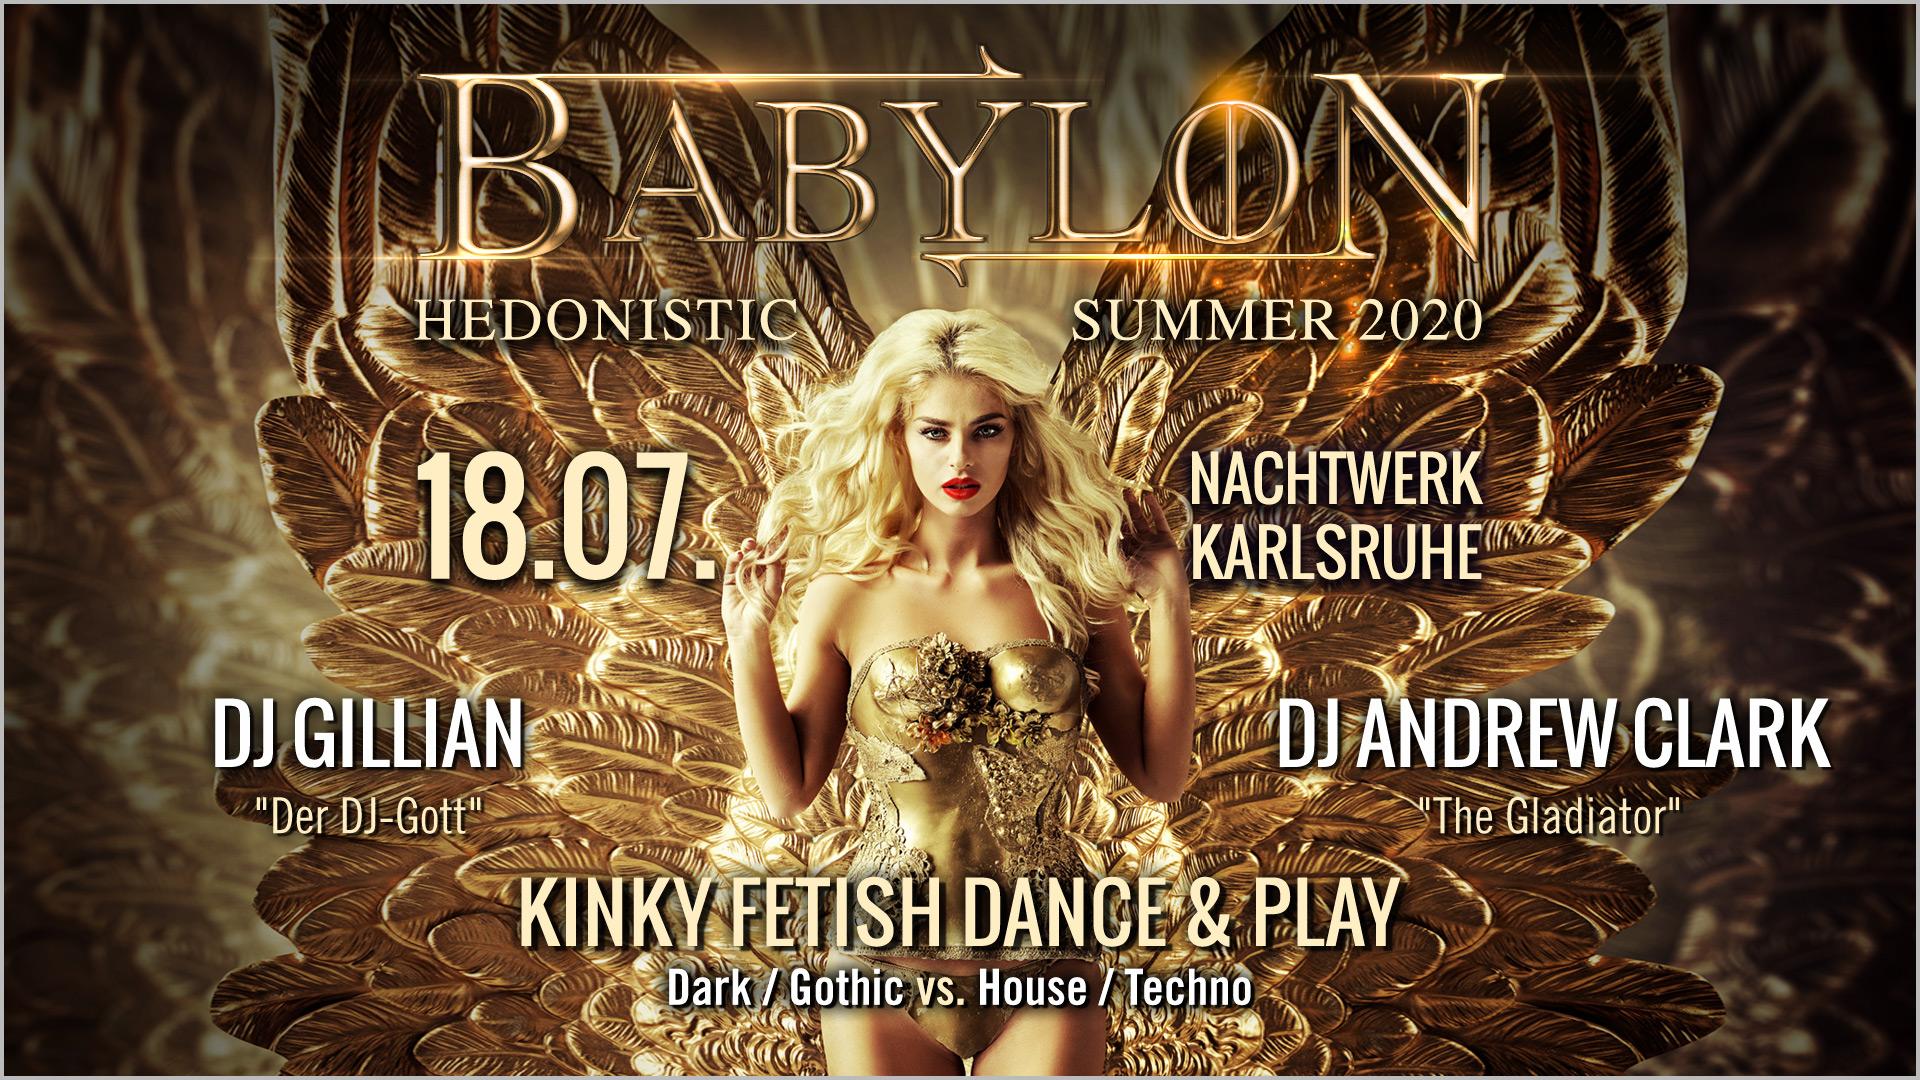 BABYBLON » Die hedonistische Kinky Fetish Dance & Play-Party in Karlsruhe mit DJ Gillian und DJ Andrew Clark. Dark/Gothic meets House/Techno.